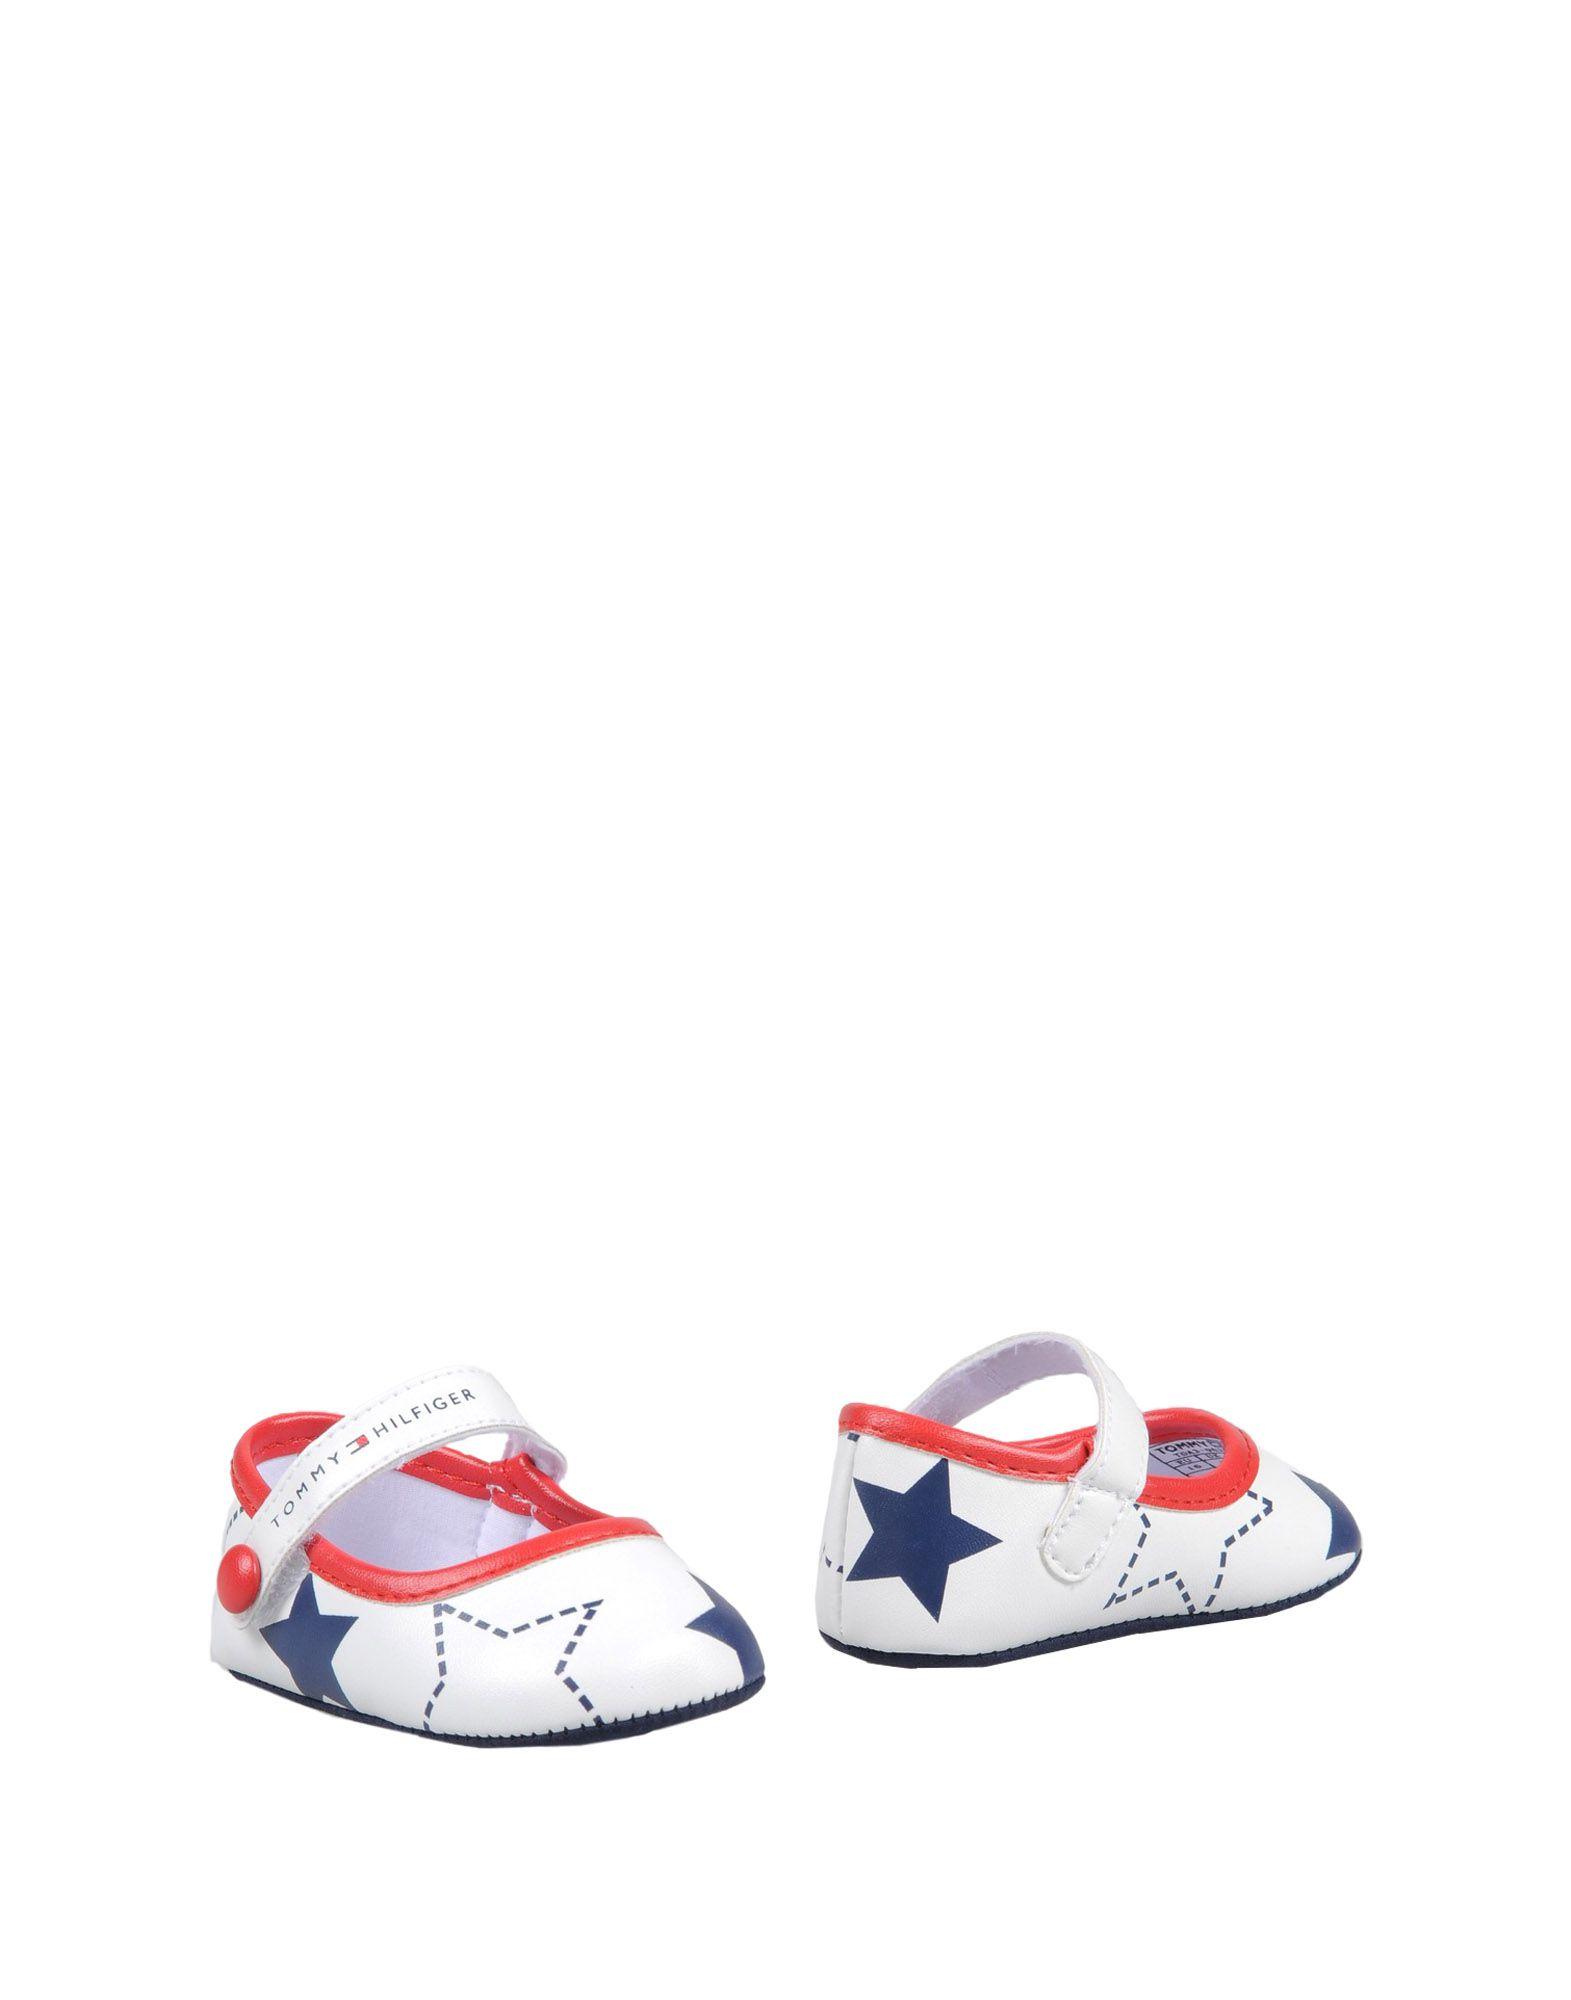 TOMMY HILFIGER Обувь для новорожденных обувь для детей